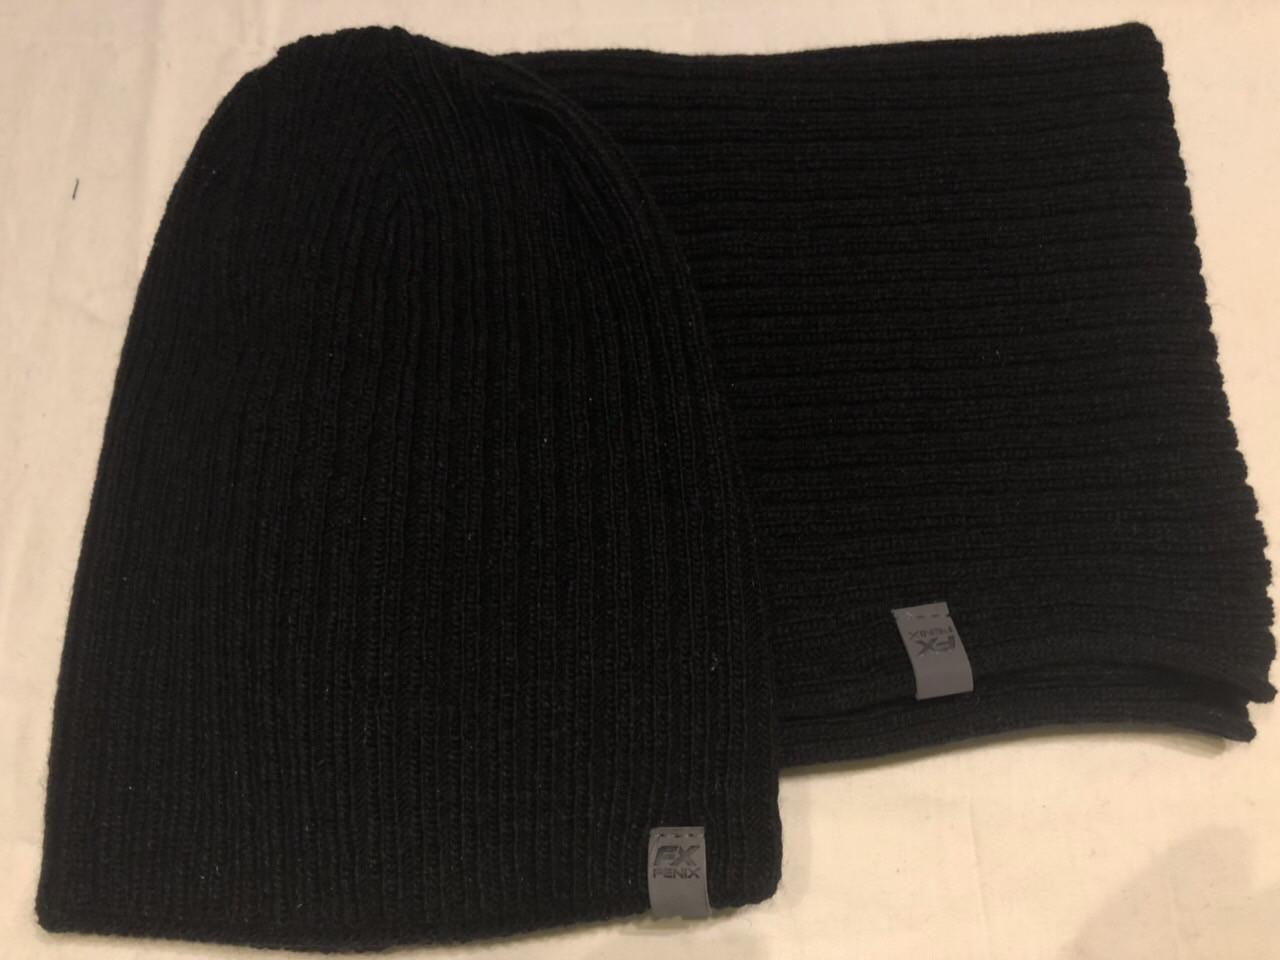 Черный мужской комплект шапка +шарф